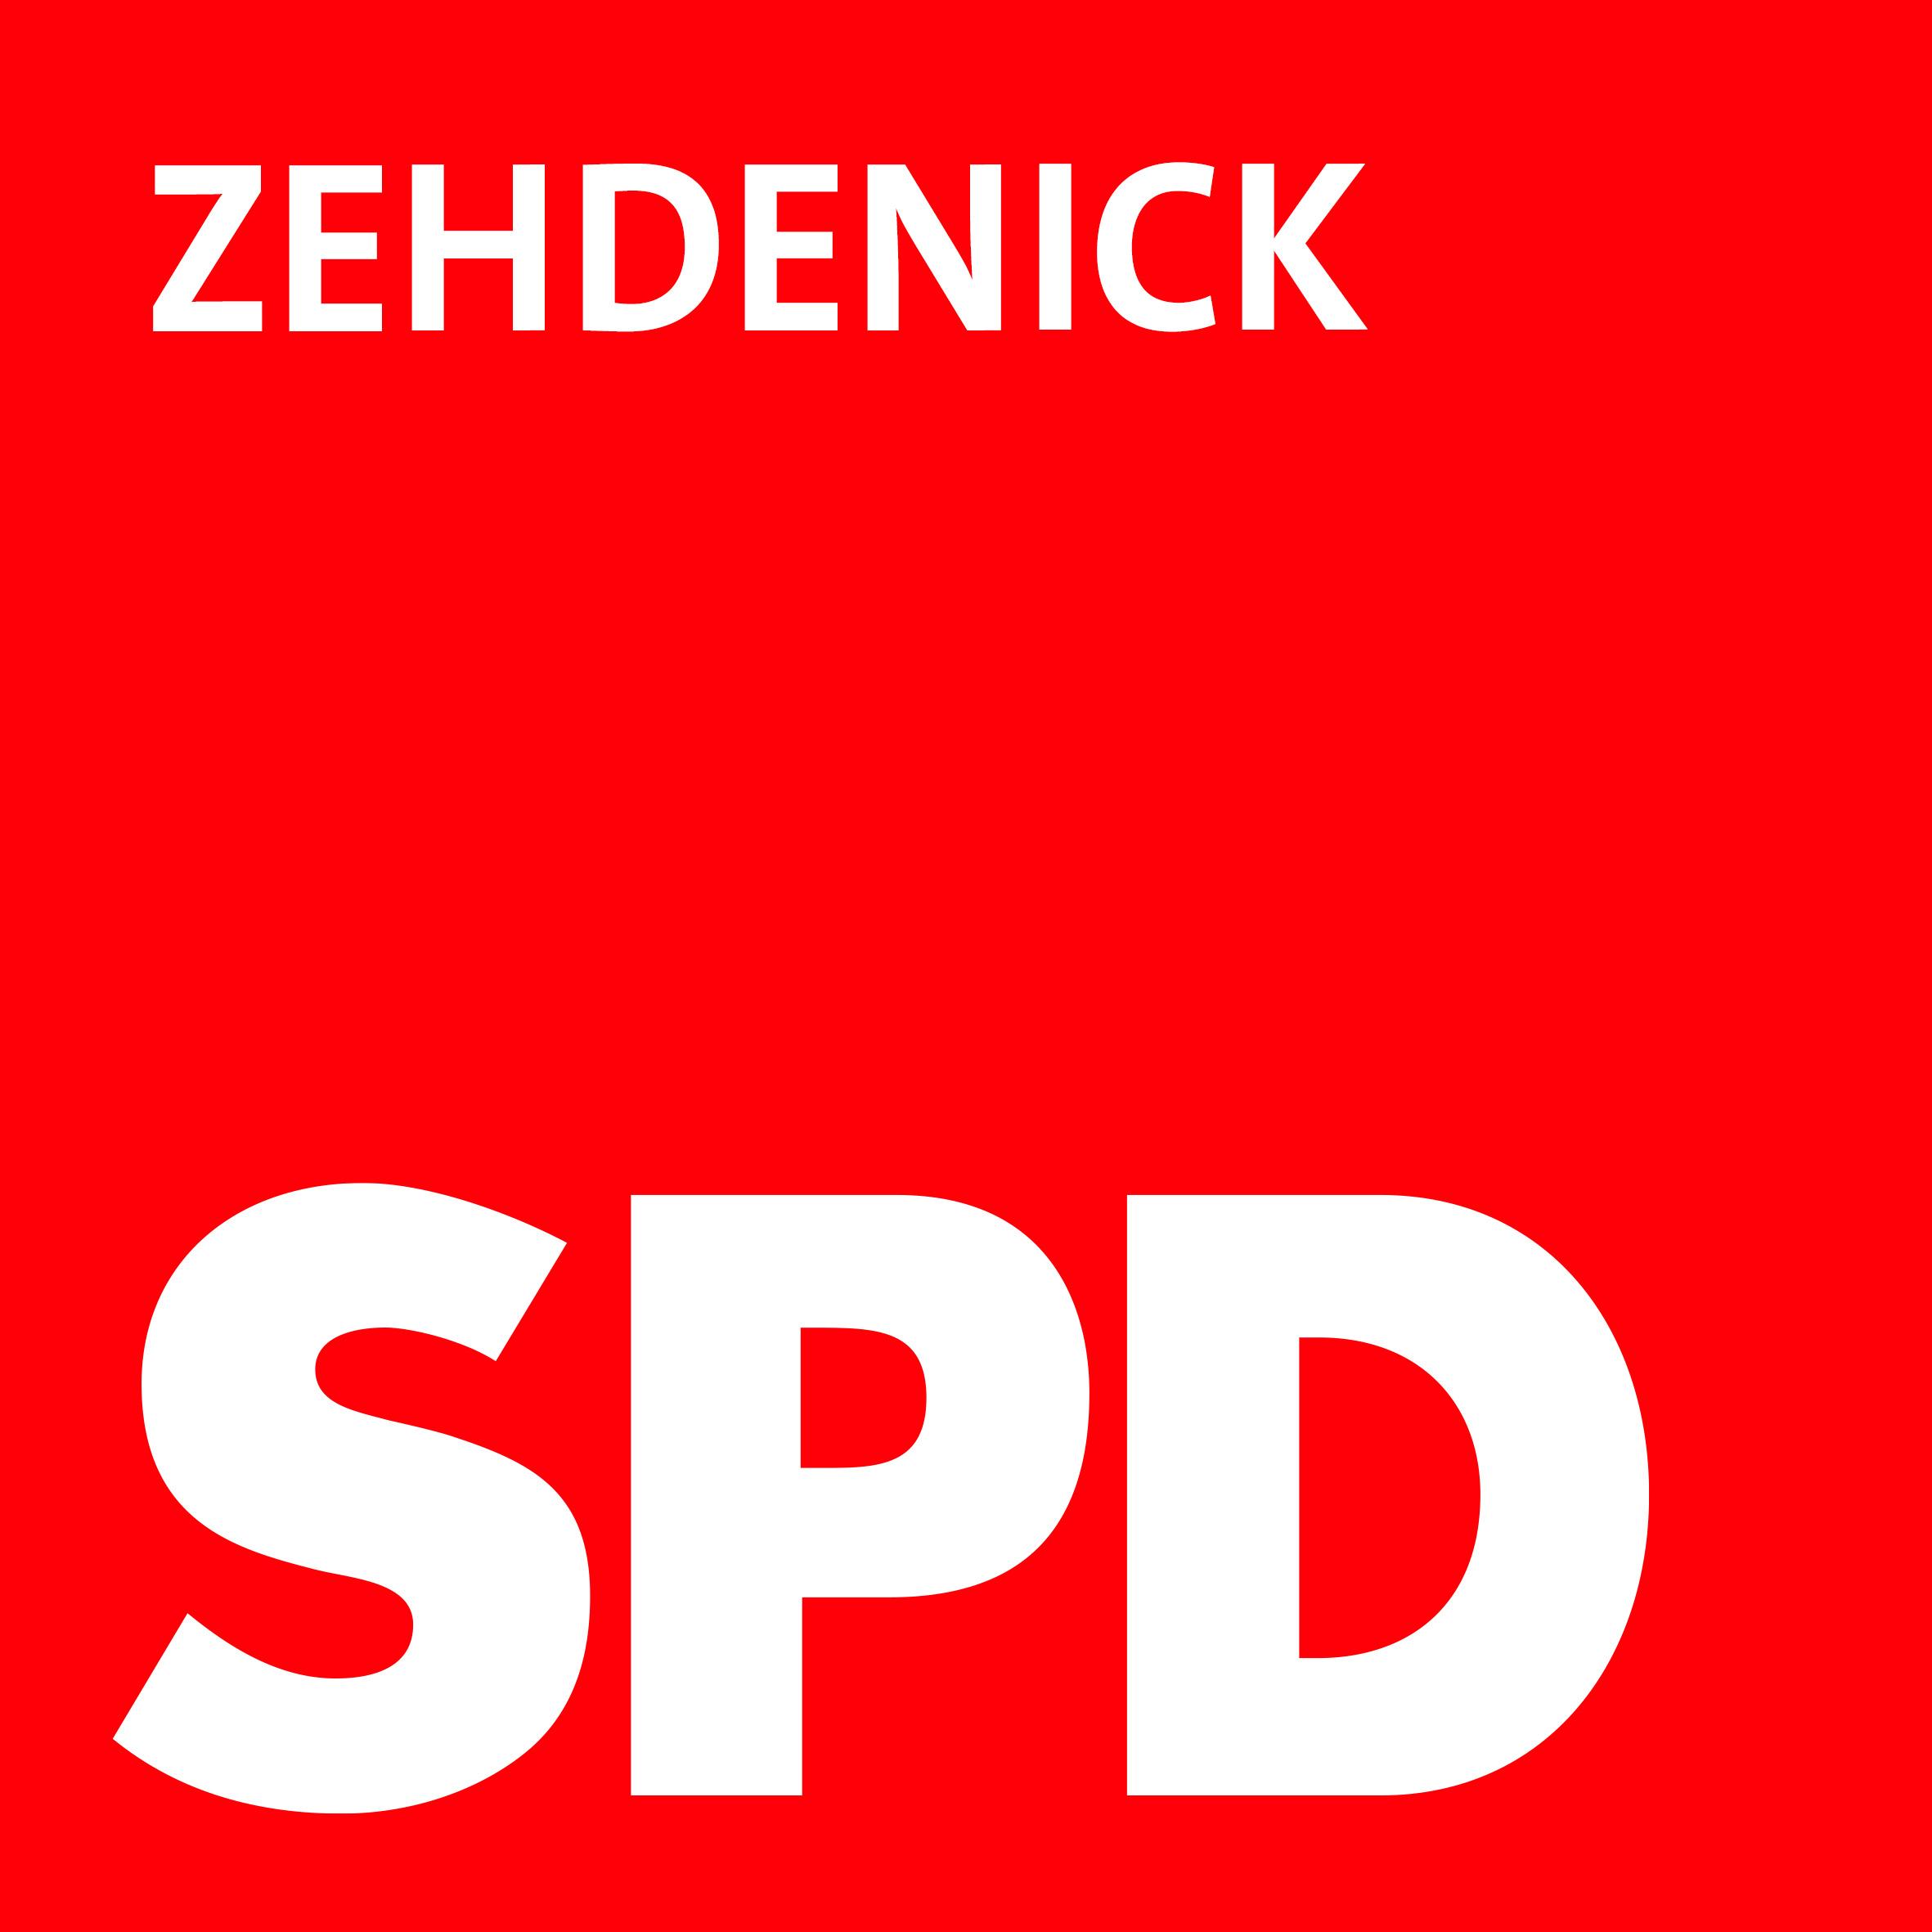 SPD Zedenick